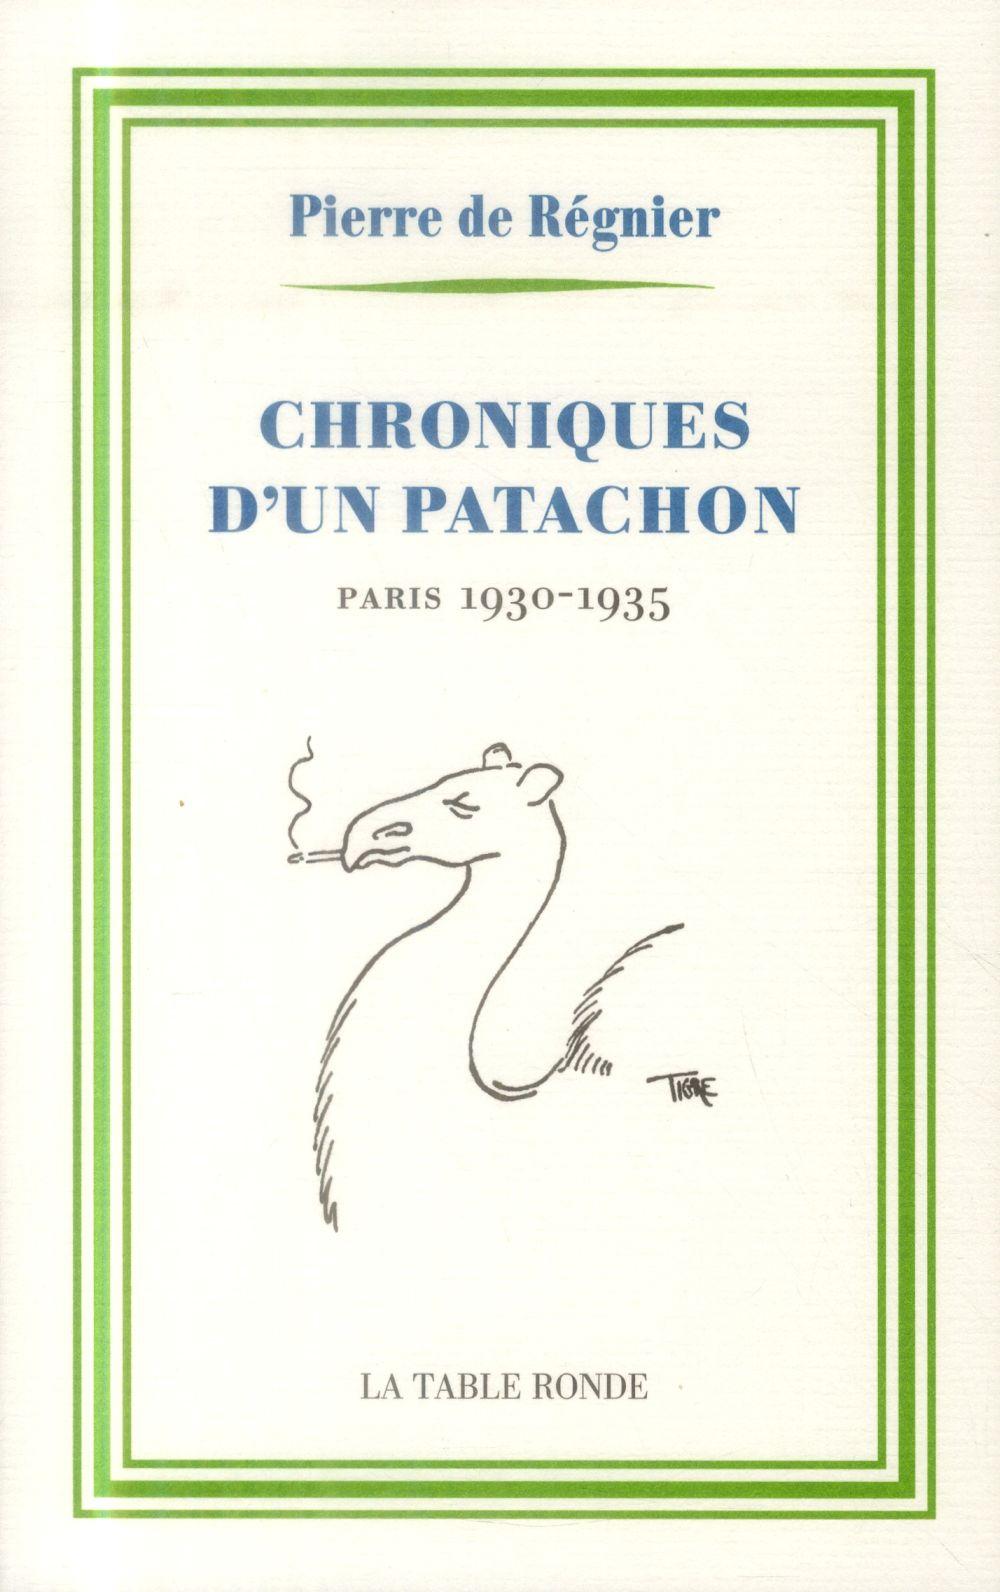 Chroniques d'un patachon 1930-1935